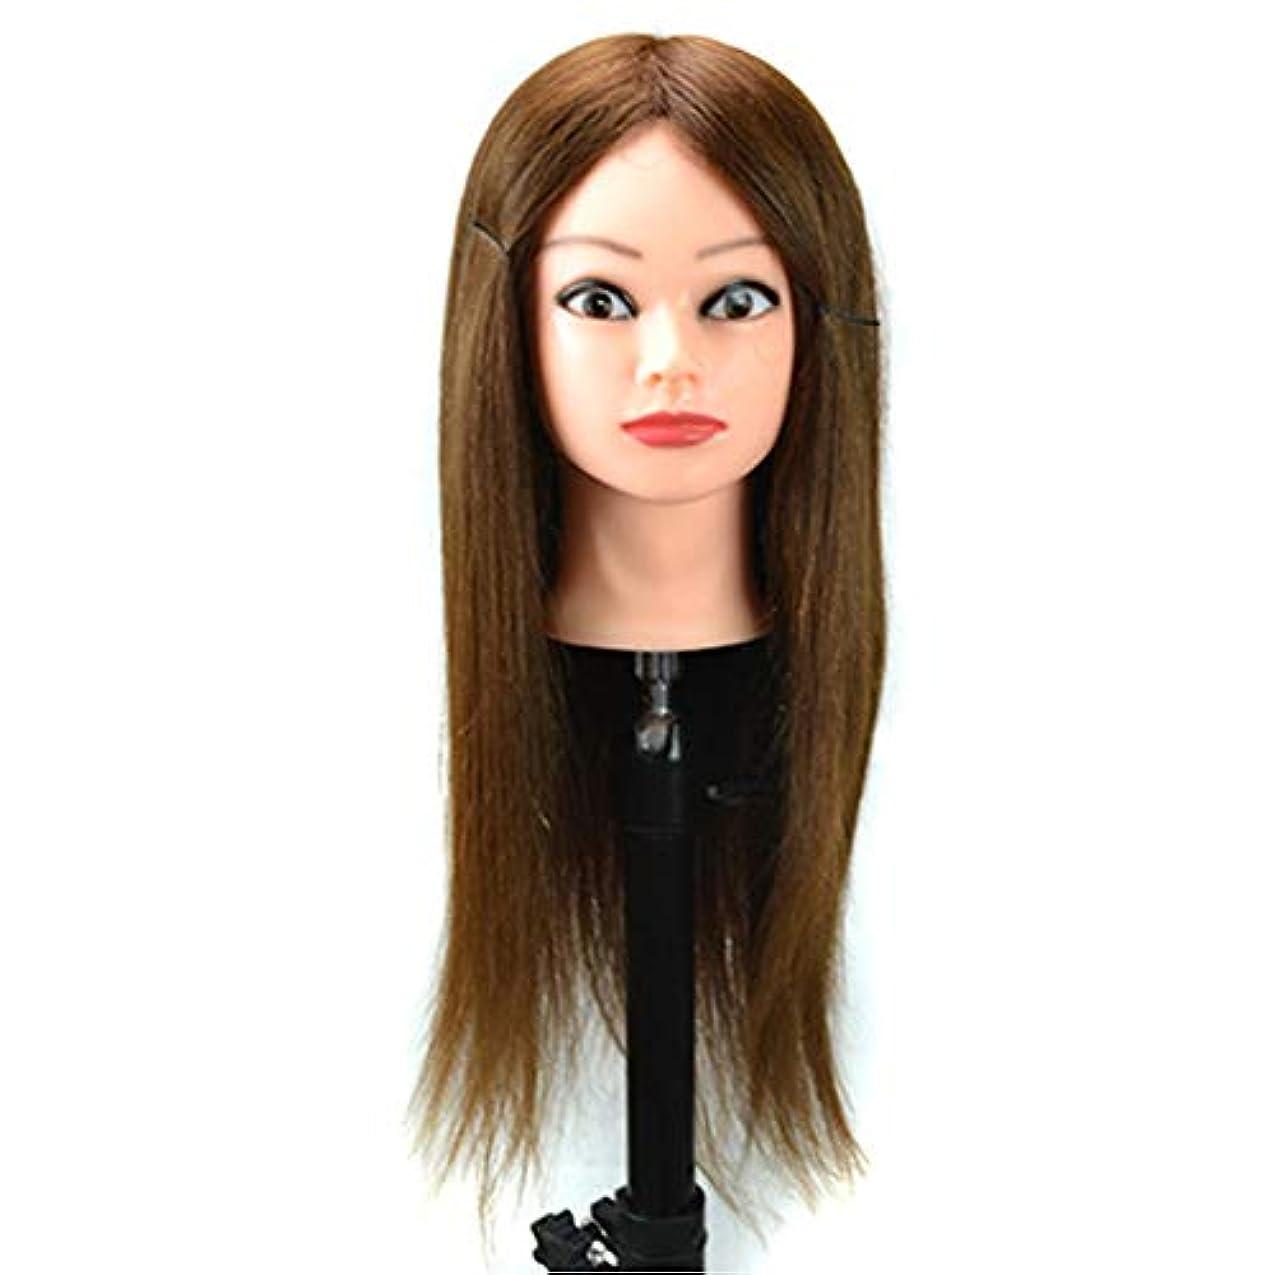 完全な毛は小さいブラケットが付いている熱いロールマネキンの頭部のヘアーサロンのトリミングの頭部の花嫁の形の毛の訓練の頭部である場合もあります,Brown